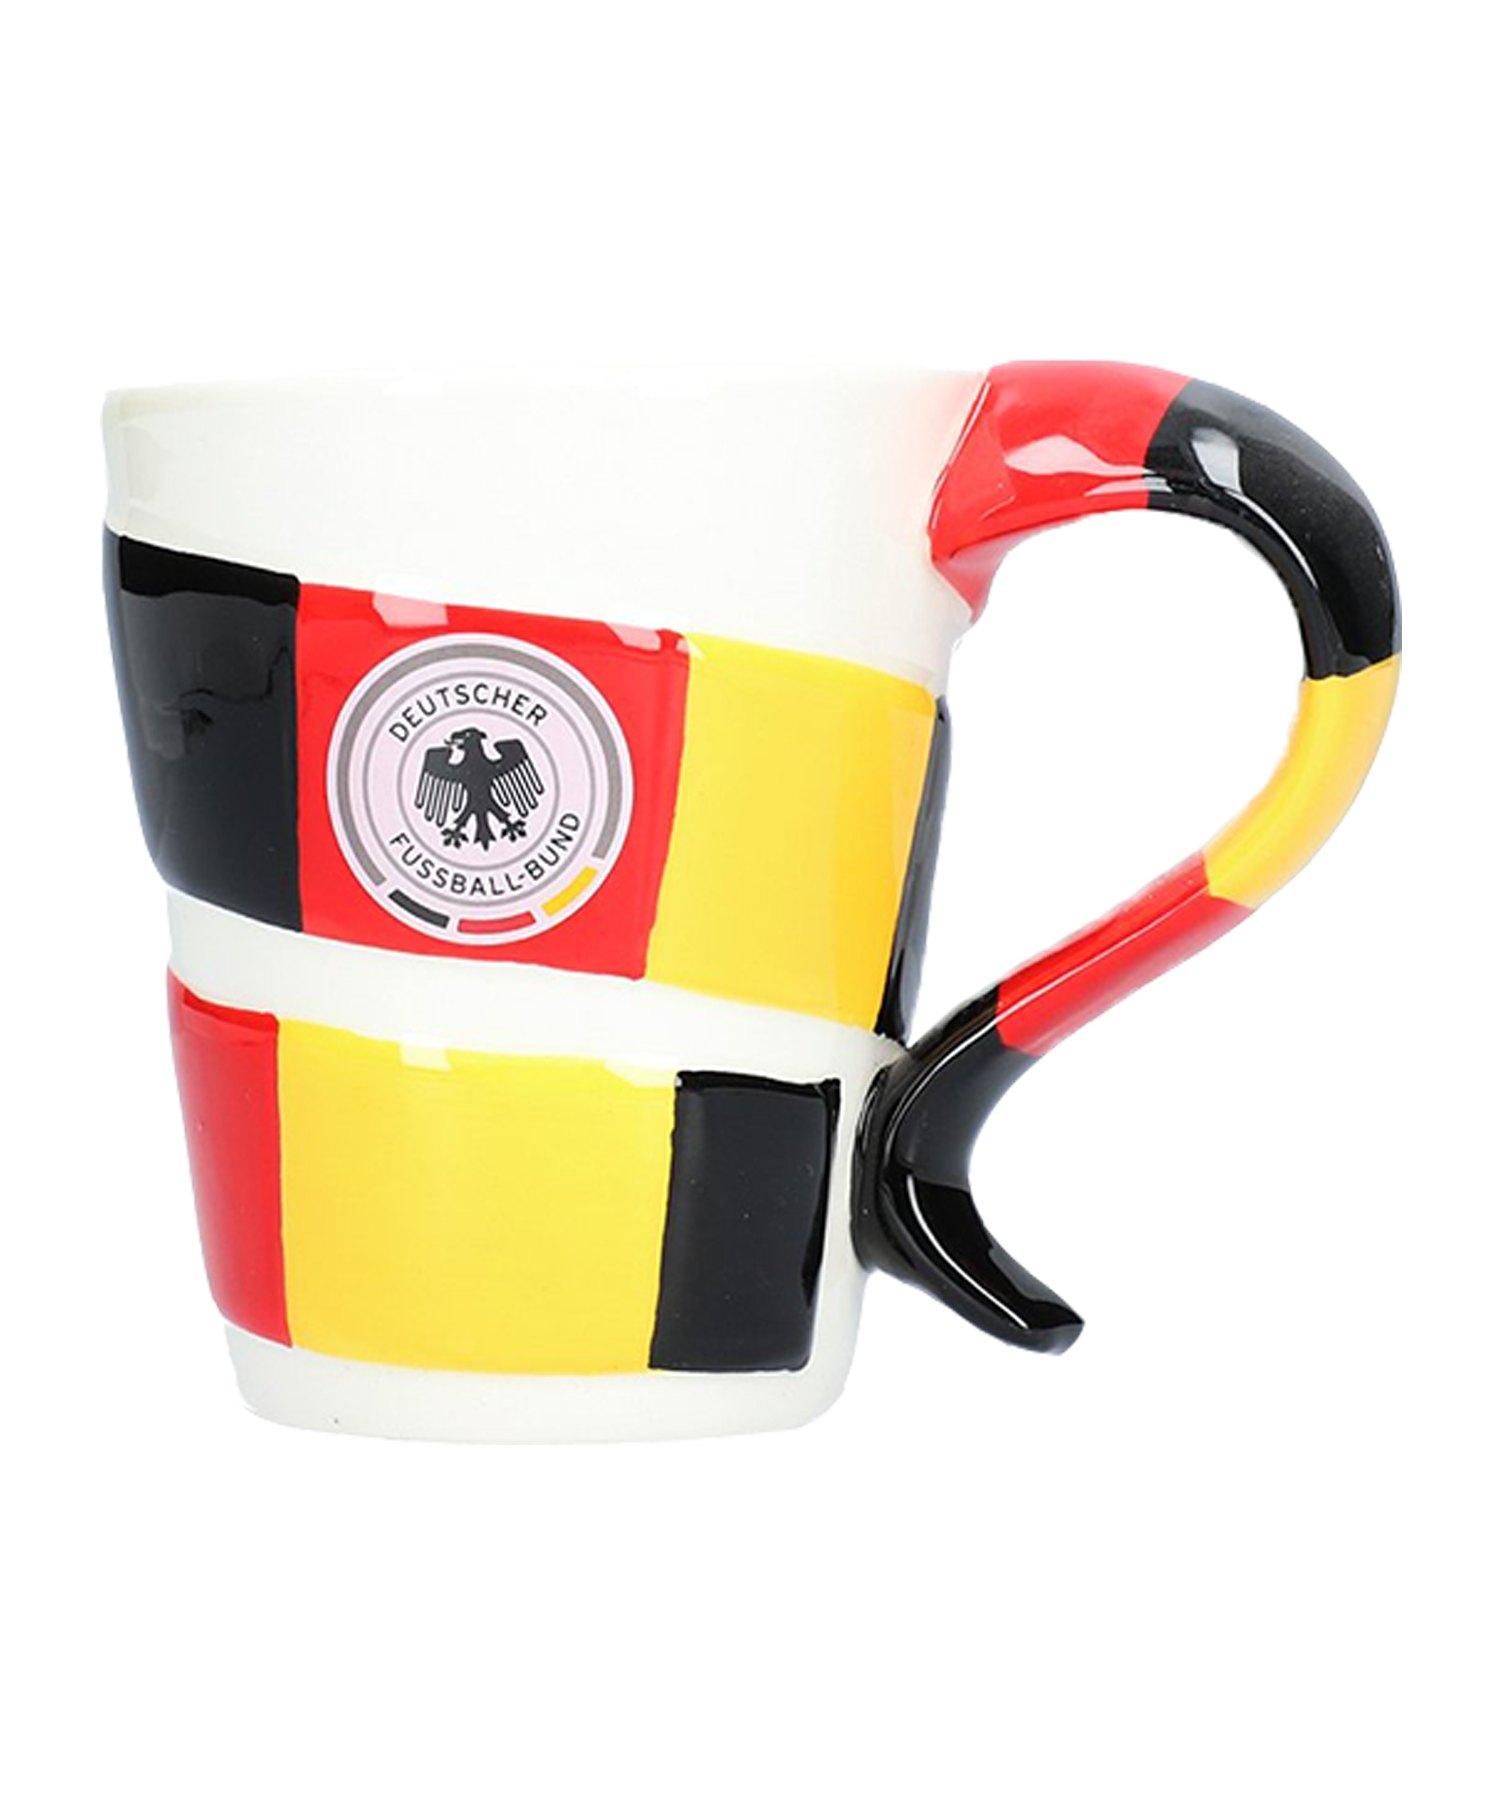 DFB Deutschland Schaltasse Schwarz Rot Gelb - Schwarz